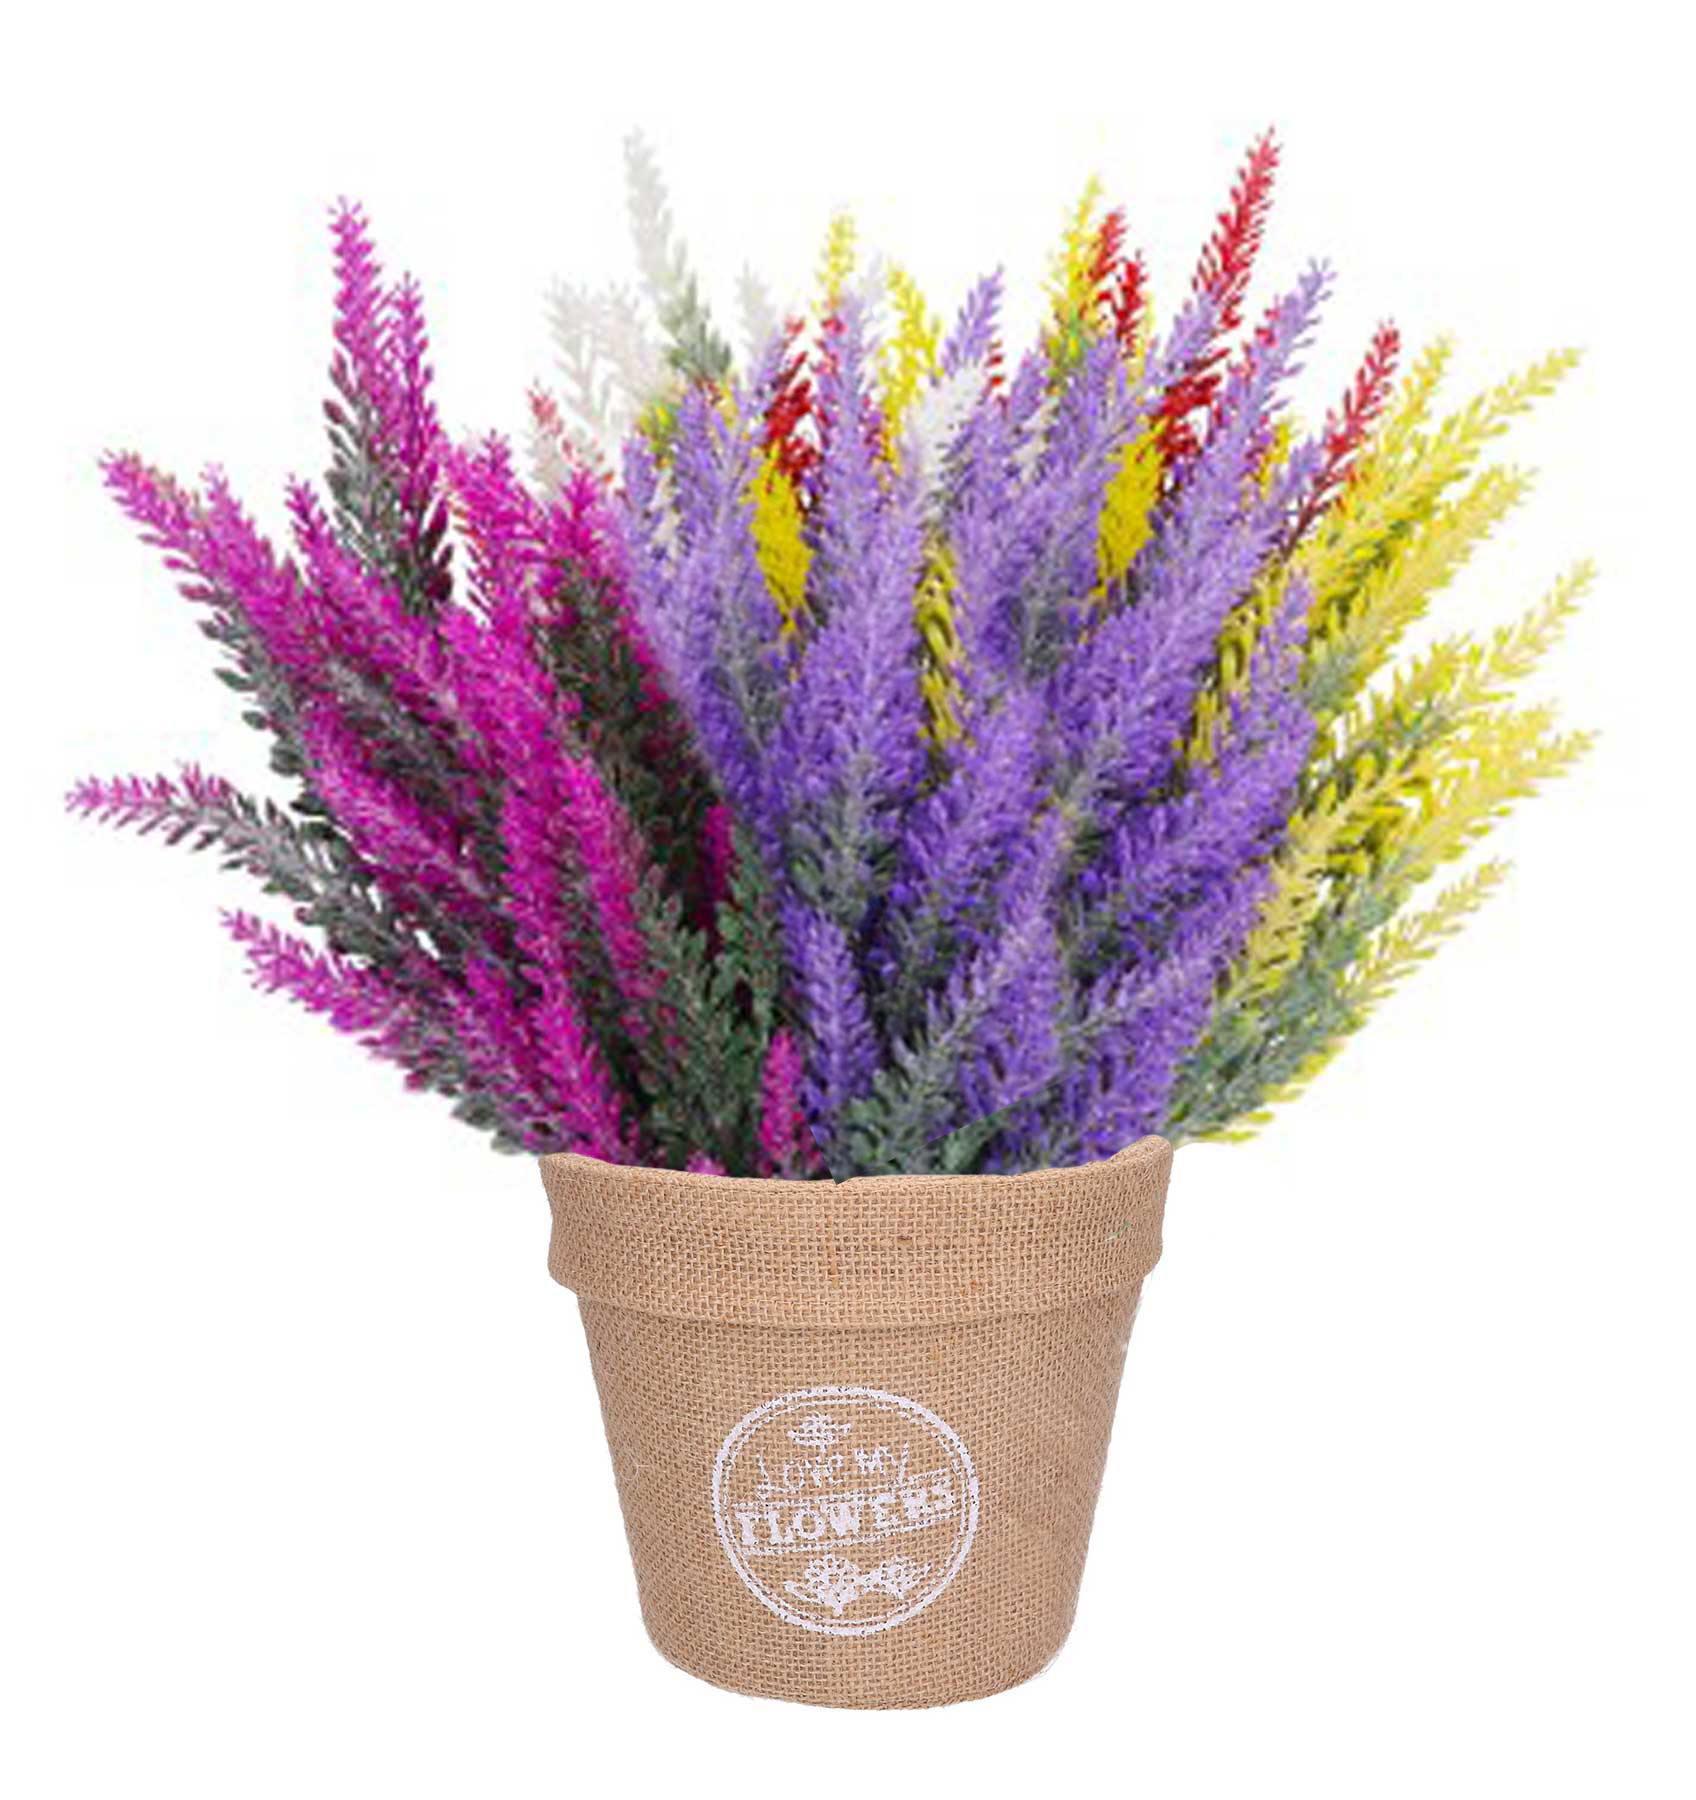 Doniczka Osłonka Na Wrzosy Kwiaty Jutowa Juta 15cm